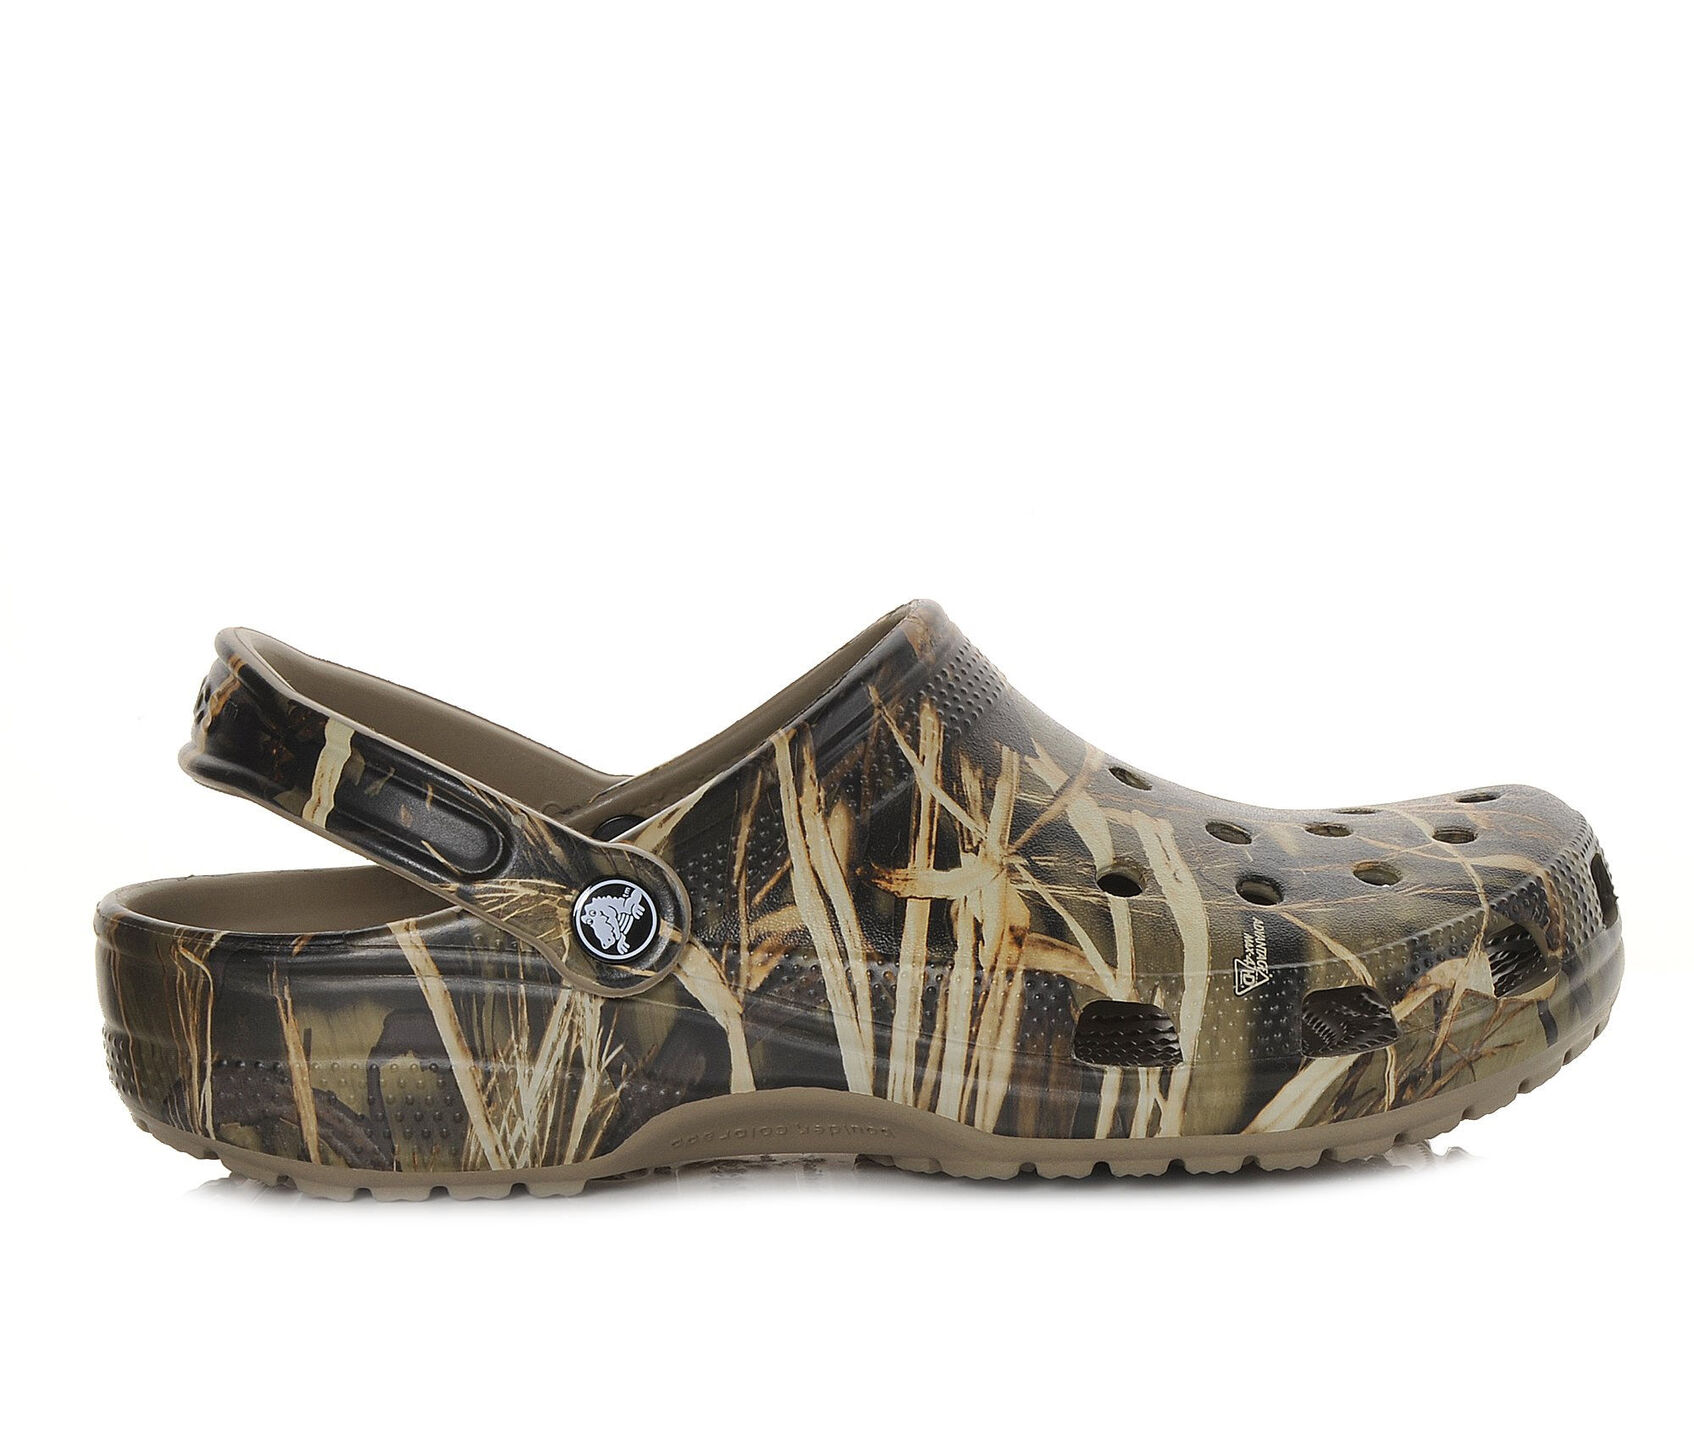 b9502f21de0e3 Men's Crocs Classic Realtree Clogs | Shoe Carnival